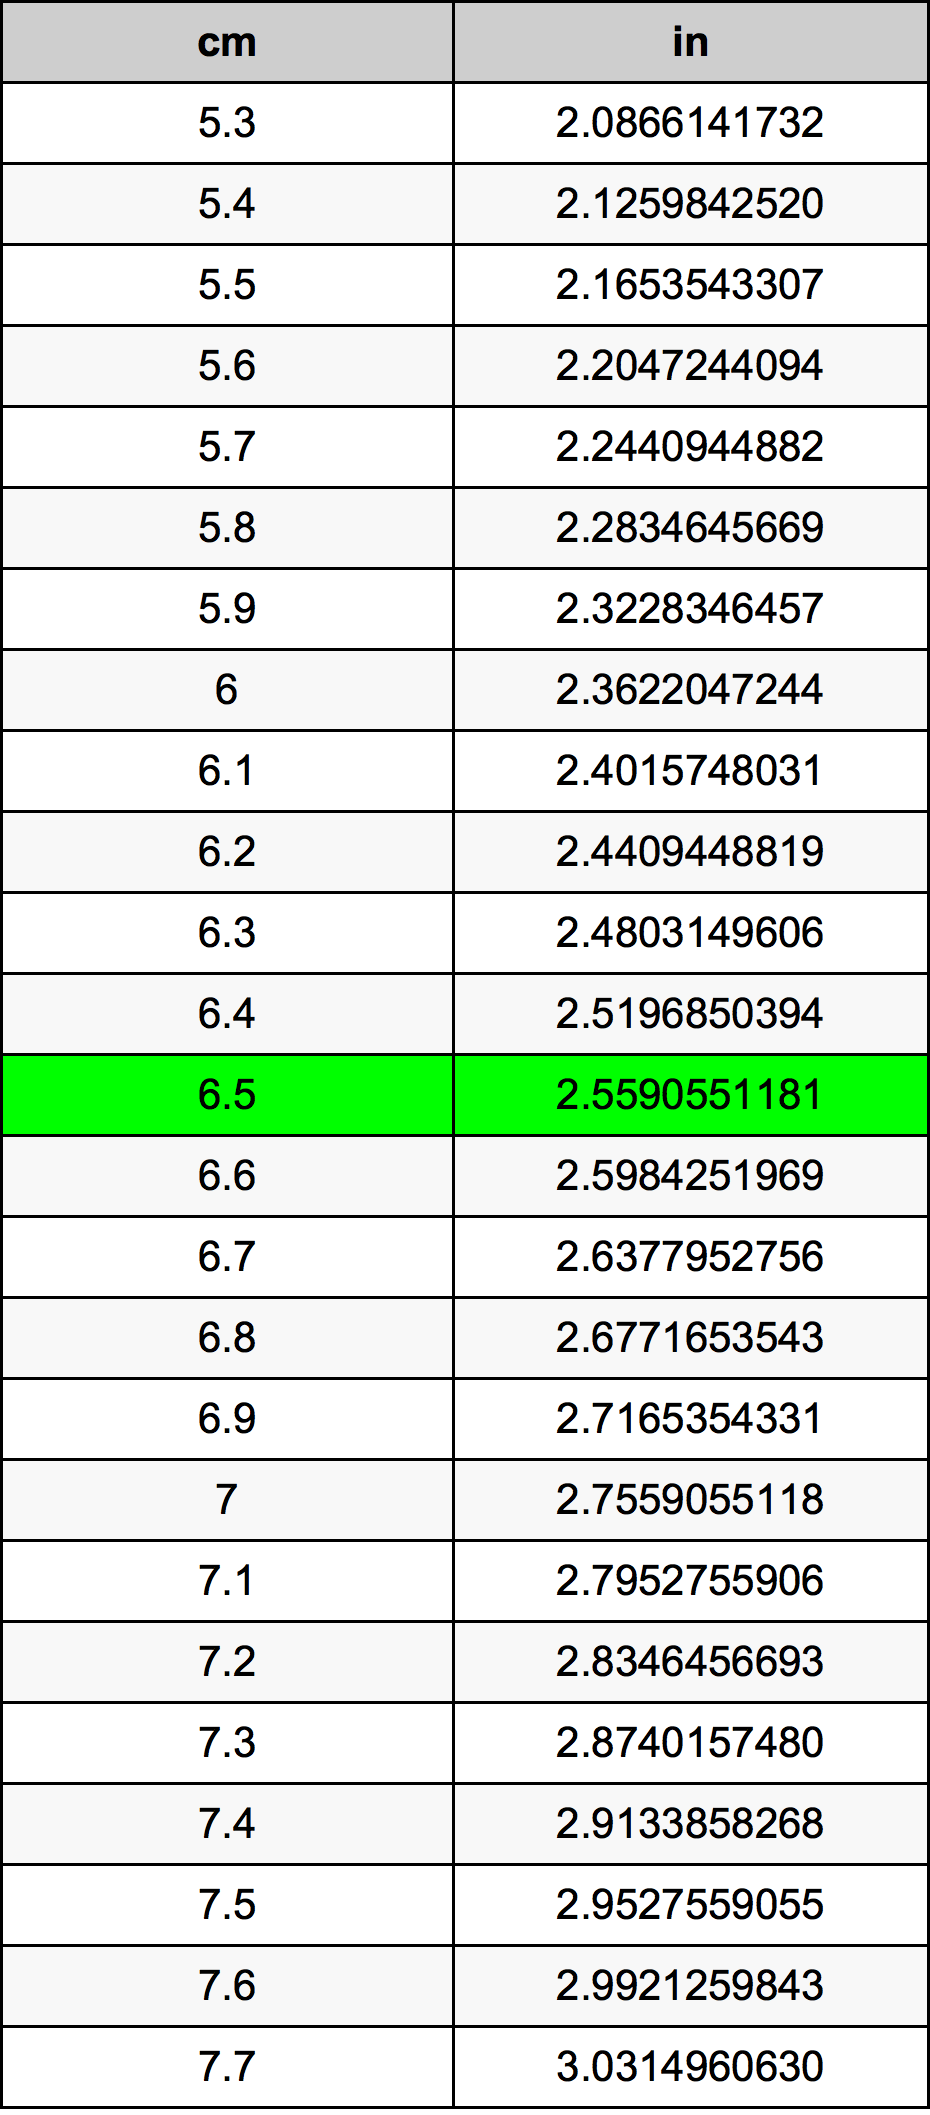 6.5 Centimetar Tablica konverzije